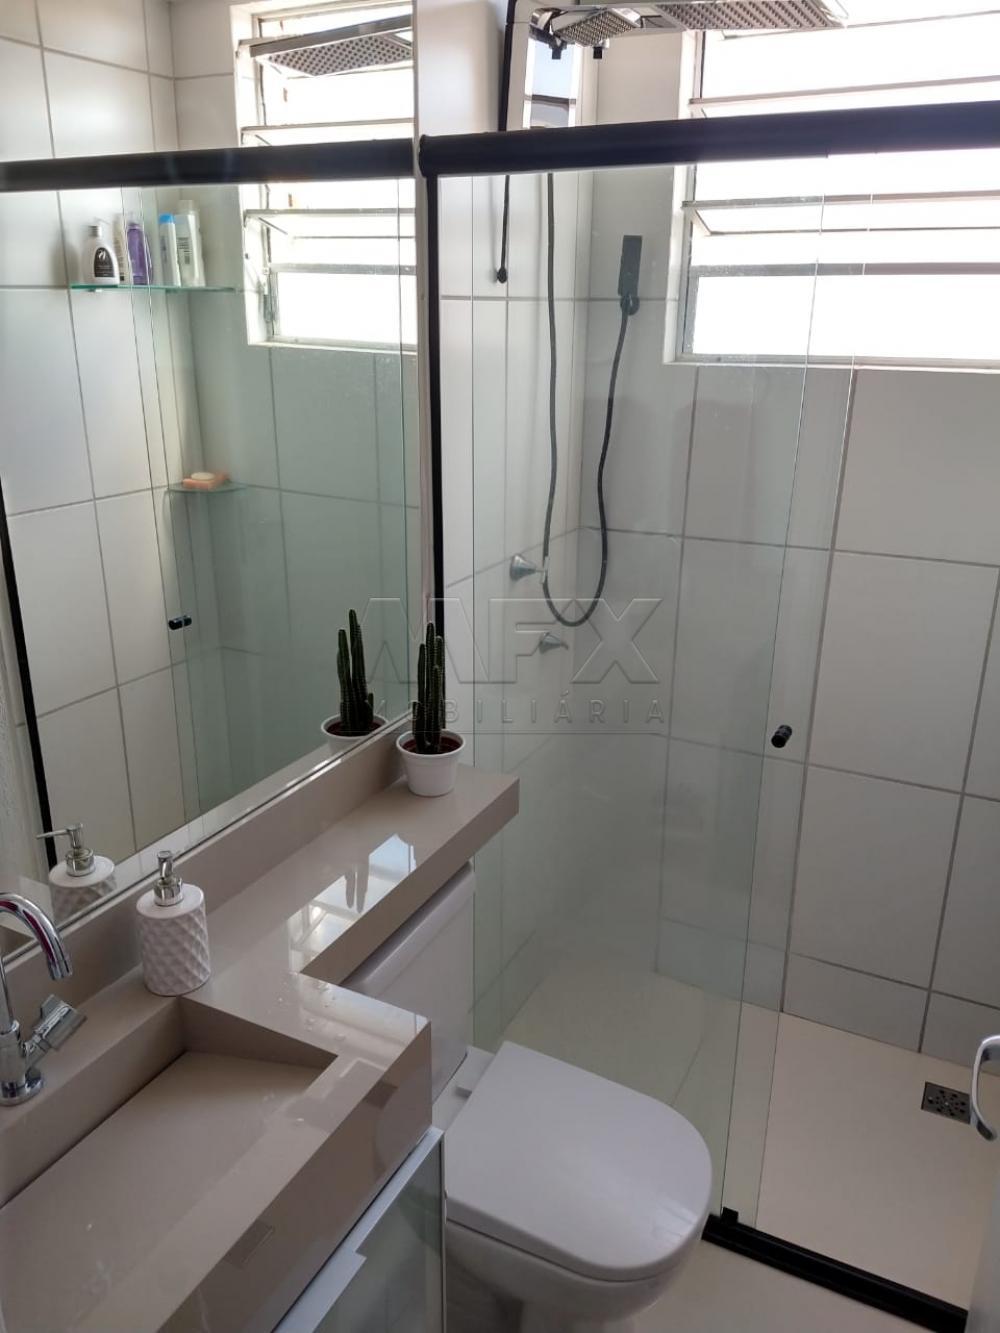 Comprar Apartamento / Padrão em Bauru apenas R$ 145.000,00 - Foto 5